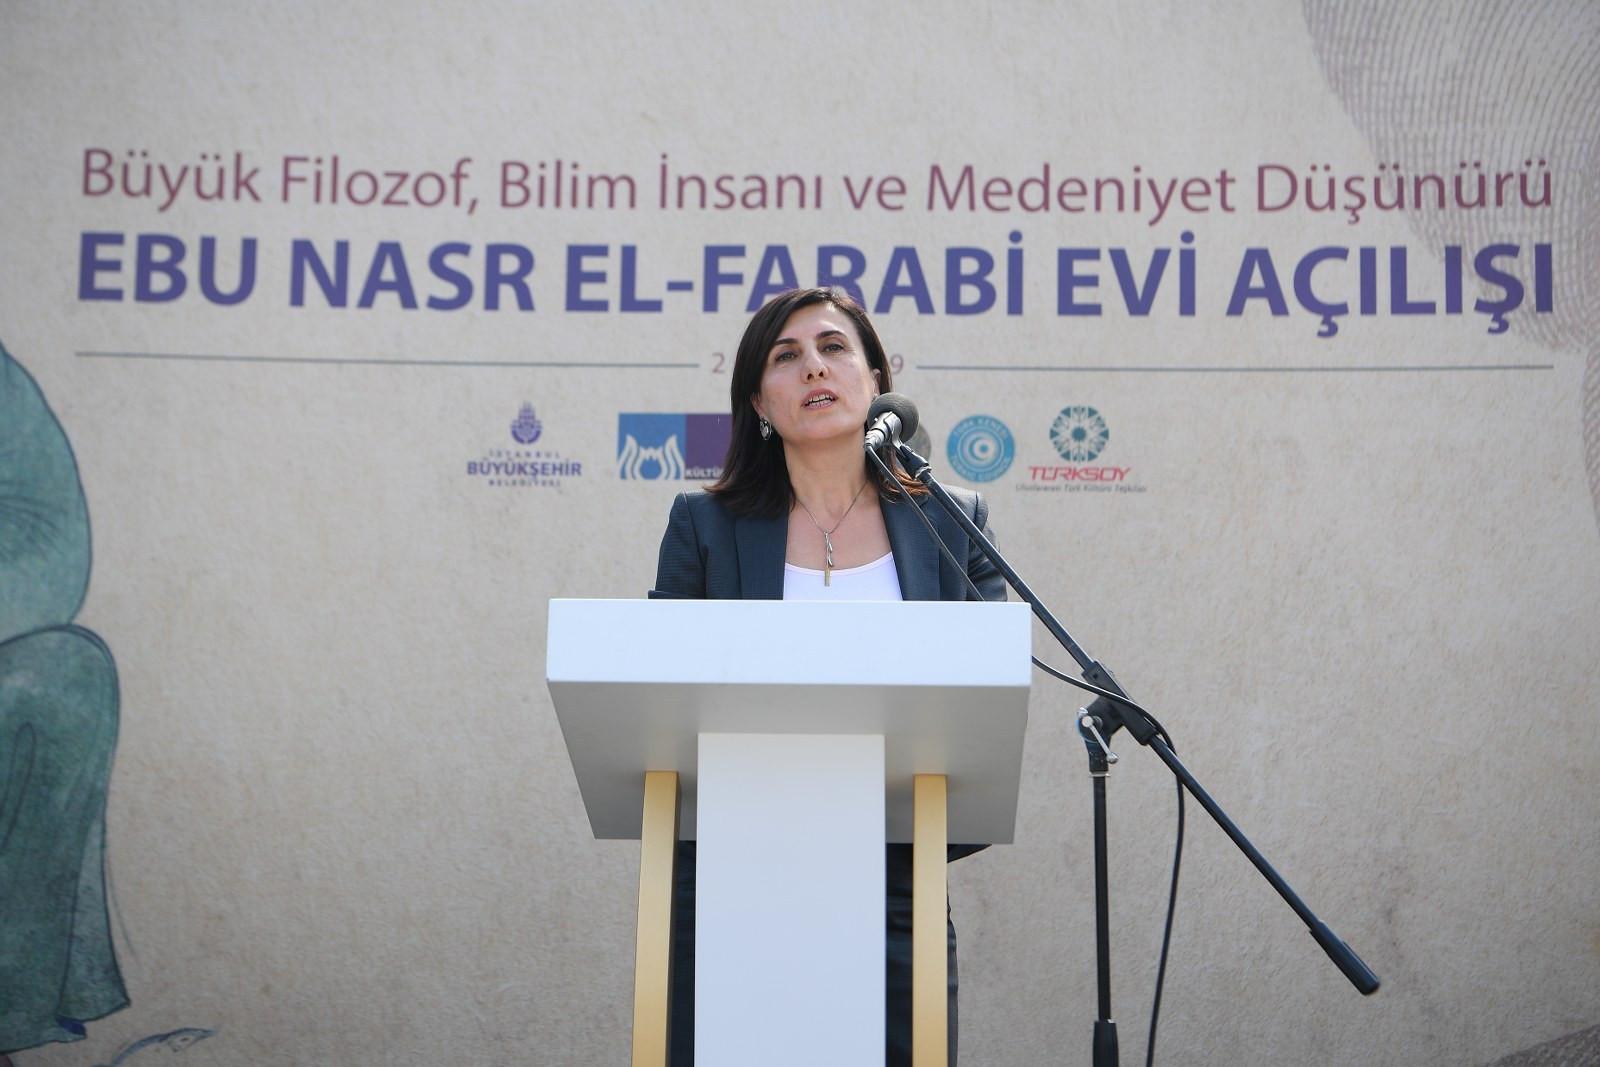 Ebu Nasr El Farabi Evi açıldı Galeri - 5. Resim